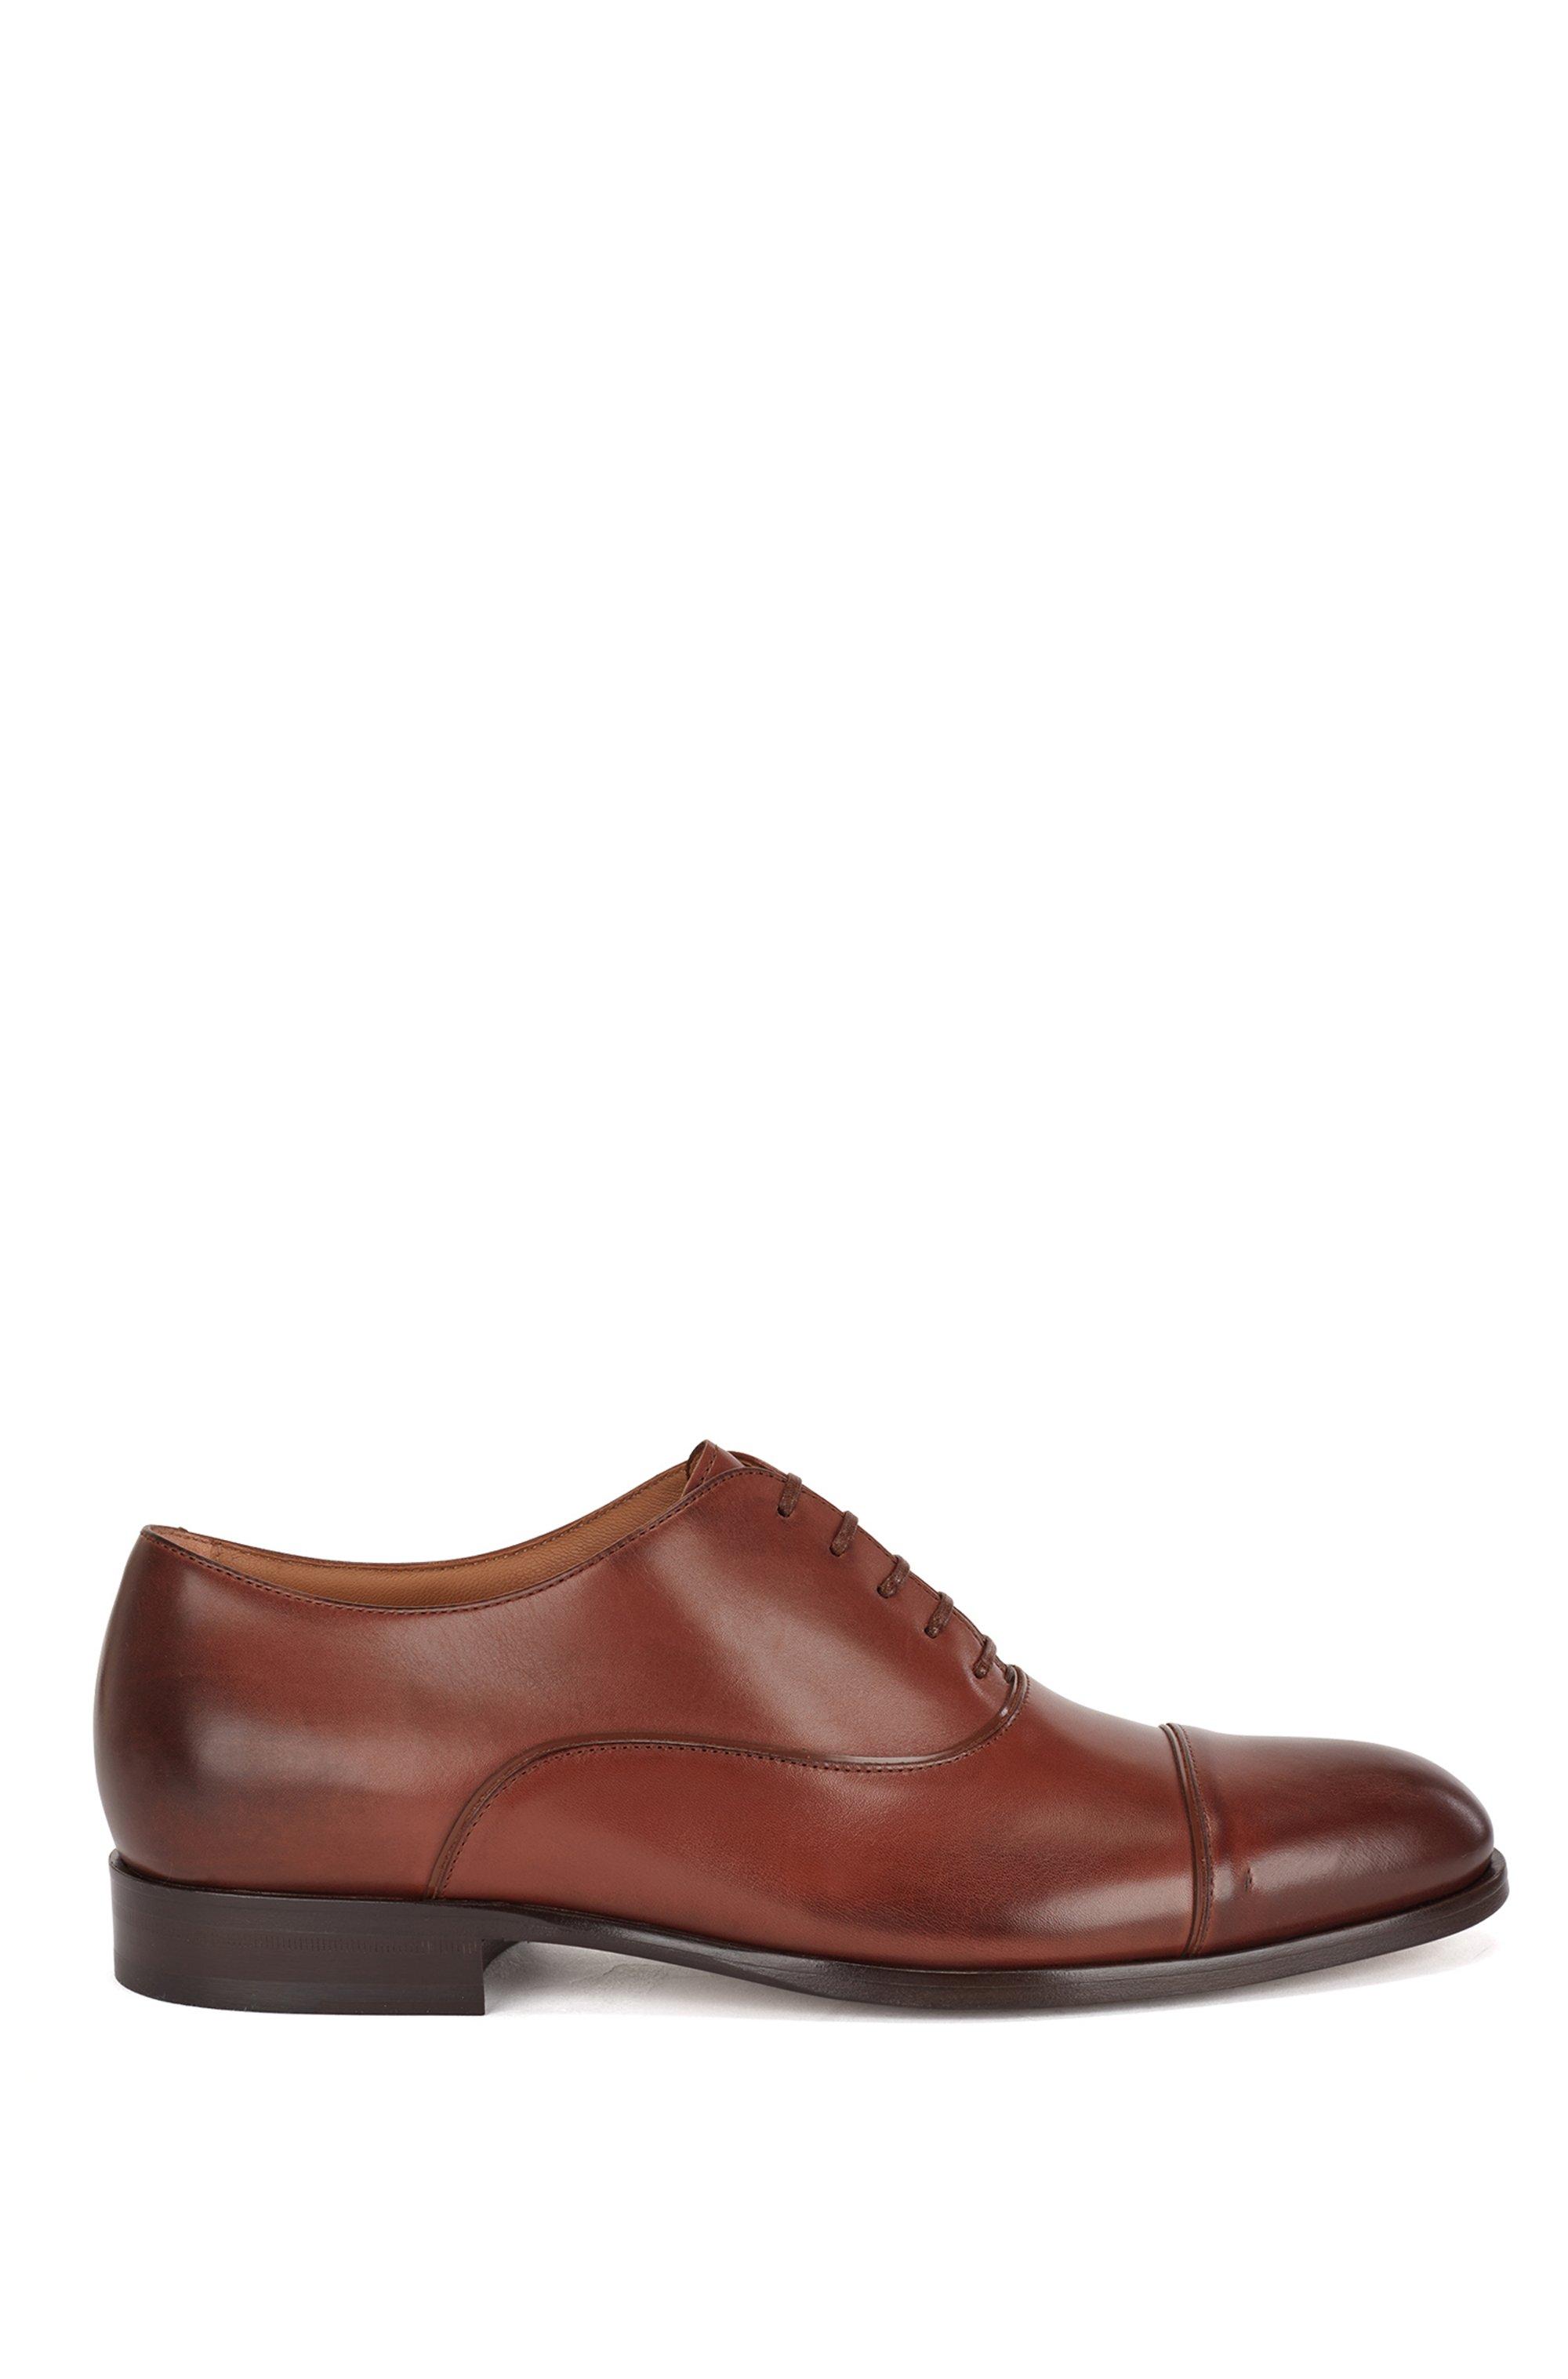 Italienische Oxford-Schuhe aus Leder mit Zehenkappe, Hellbraun